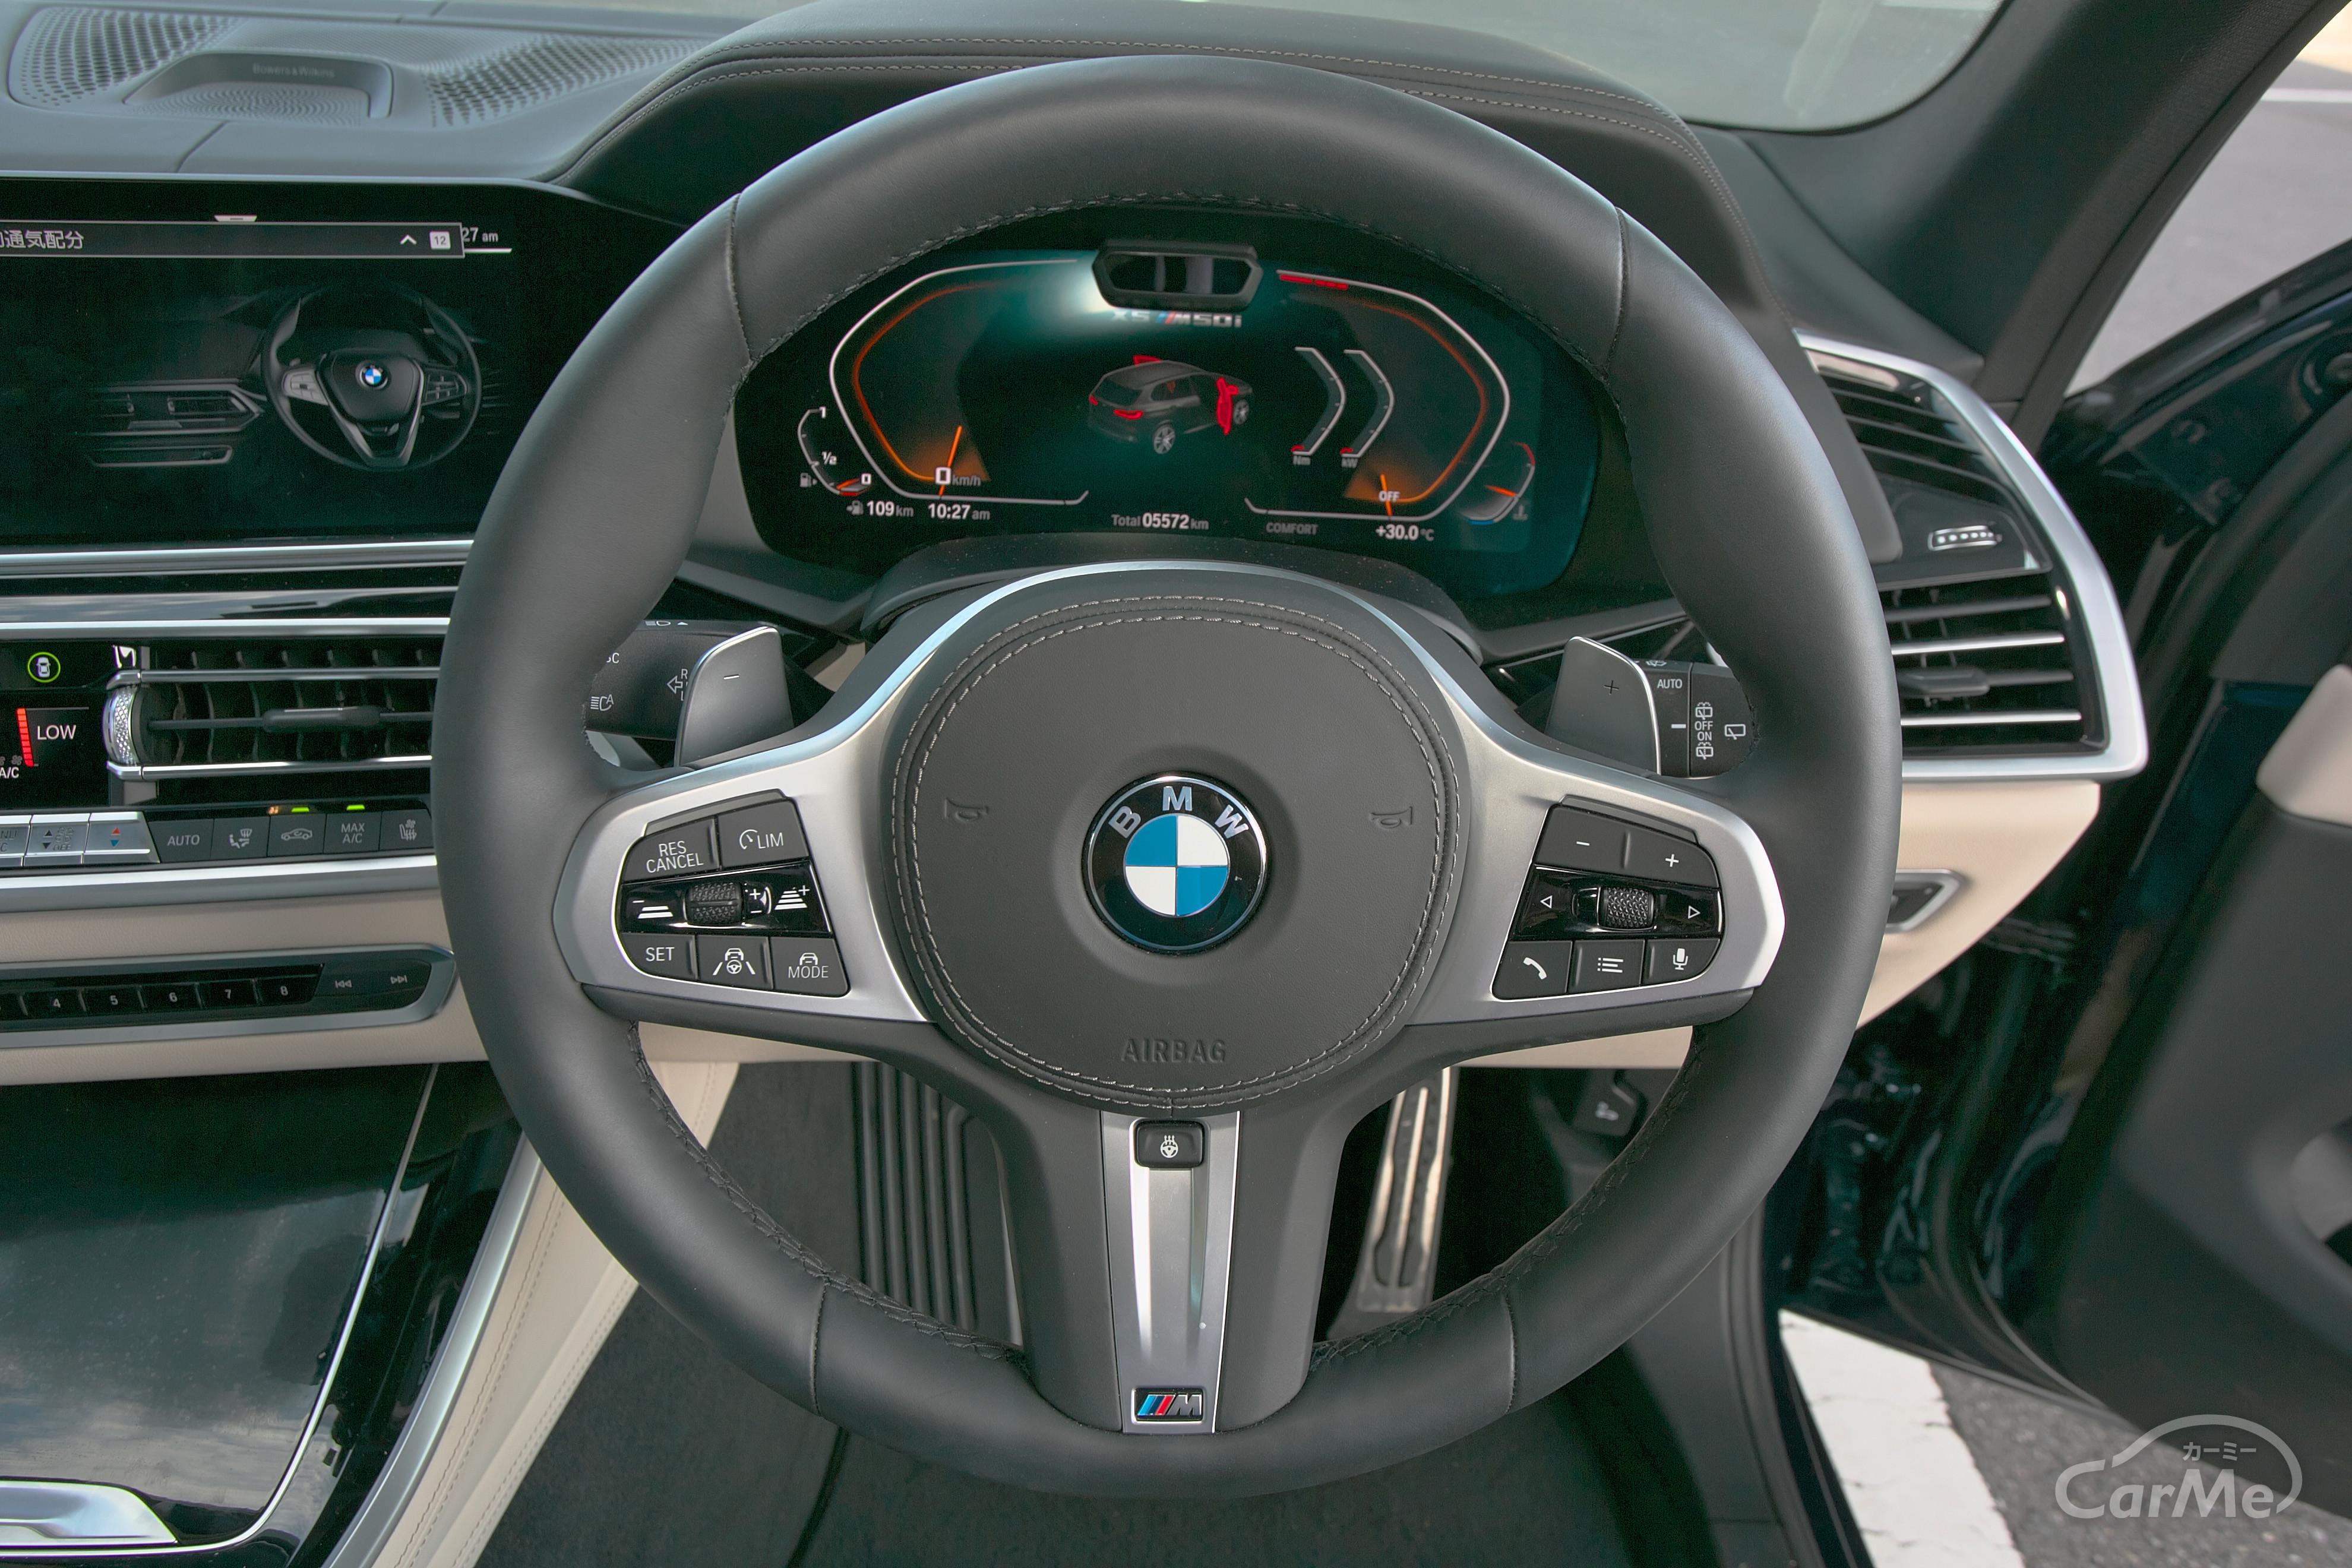 【プロ解説】BMW X5のインテリア(内装)と荷室を徹底解説!!~機能性と豪華さが融合した空間~